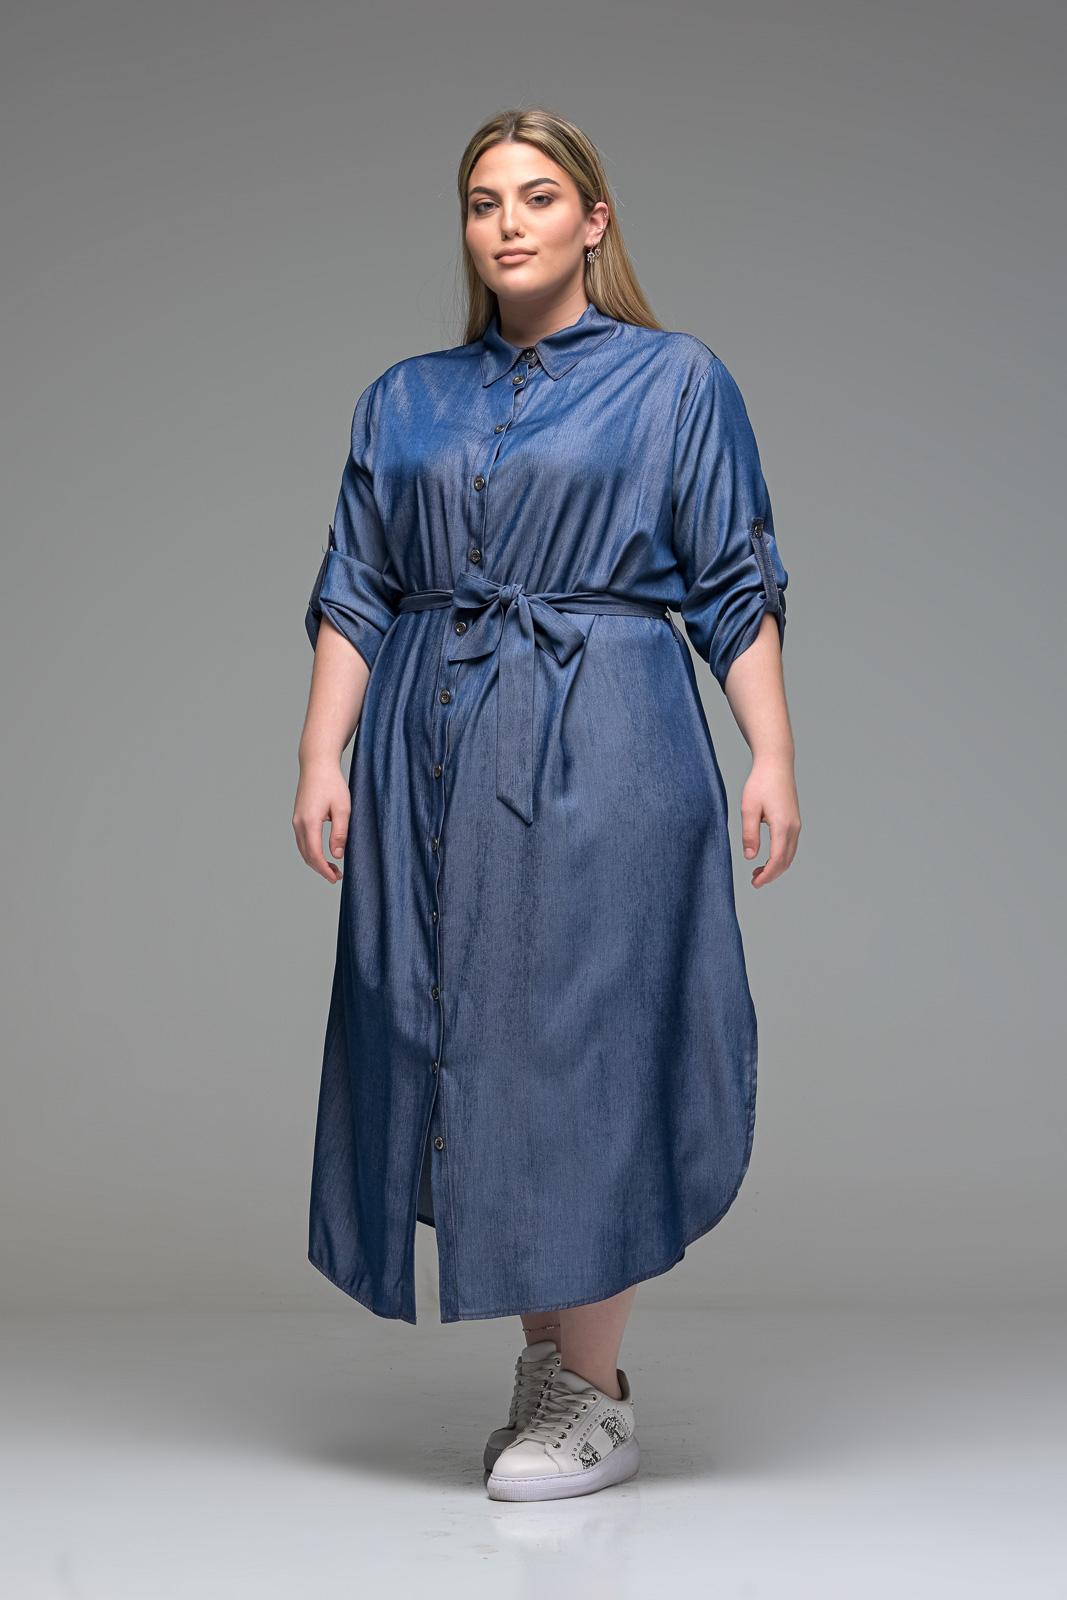 Σεμιζιέ τζιν φόρεμα με ζωνάκι στην μέση